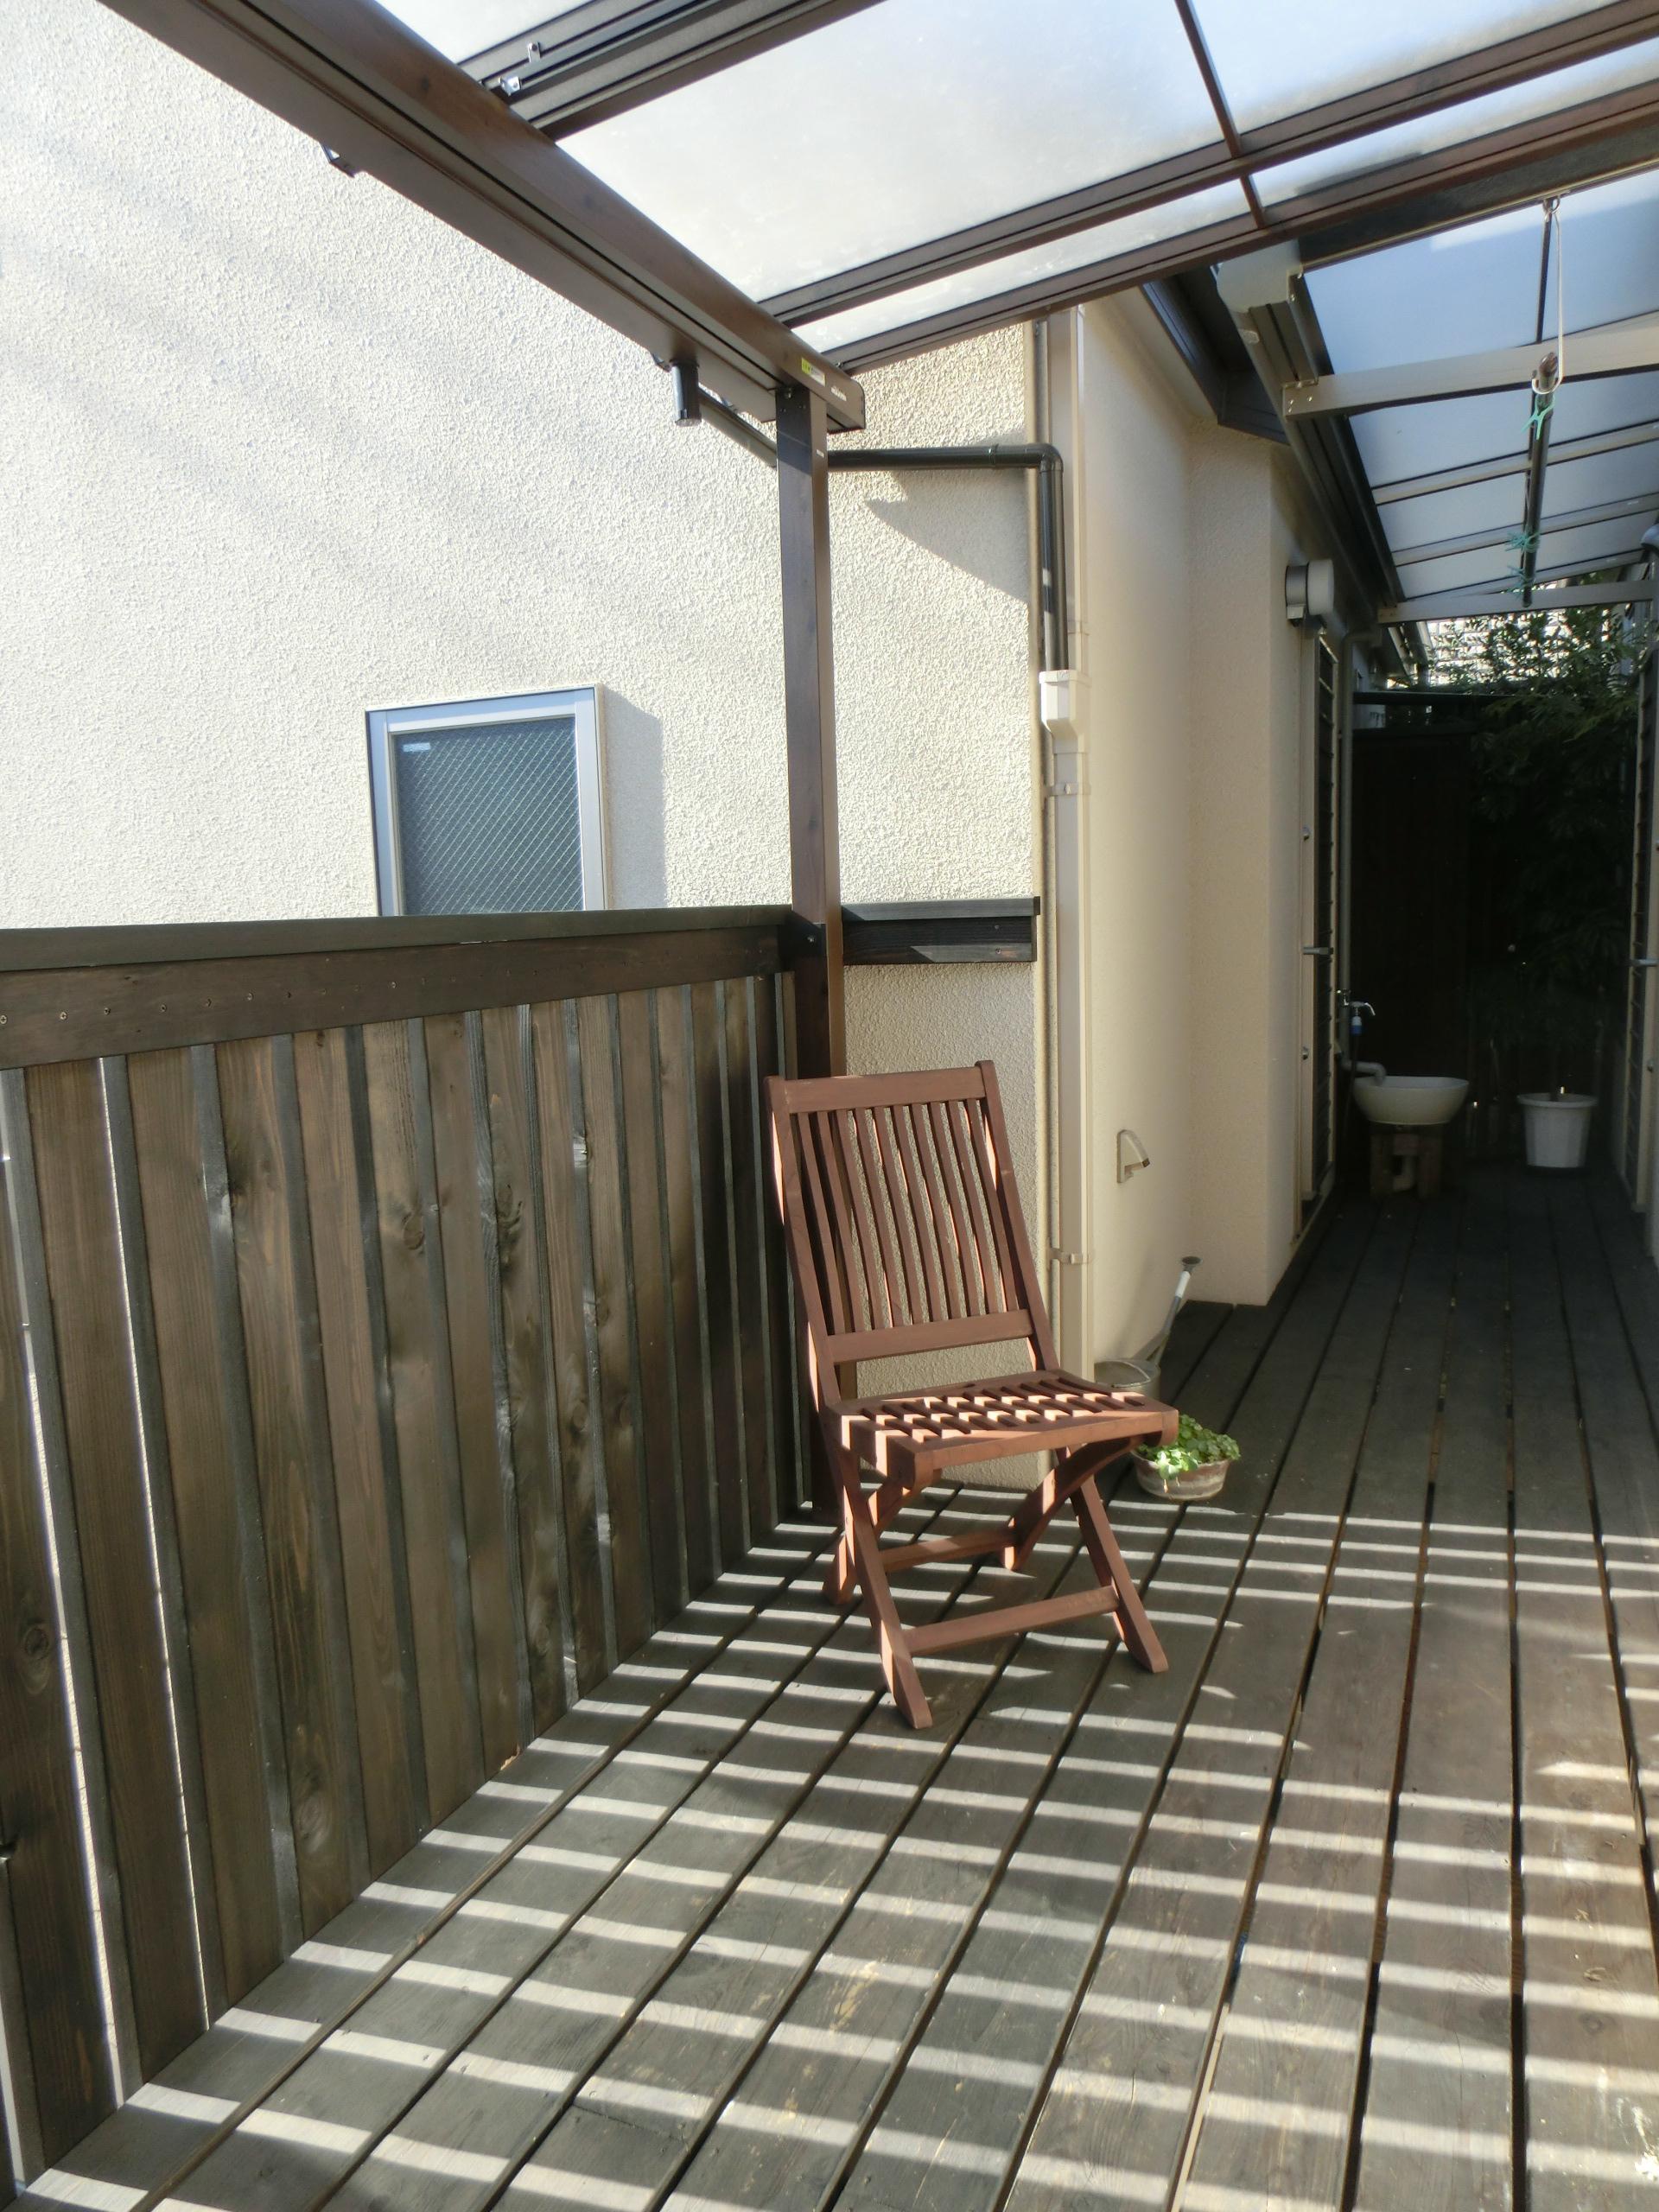 『手わざのコダワリ』と新しい建築技術の融合:東京都杉並区K様邸の写真 2階の母屋とアトリエ工房をつなぐウッドバルコニー